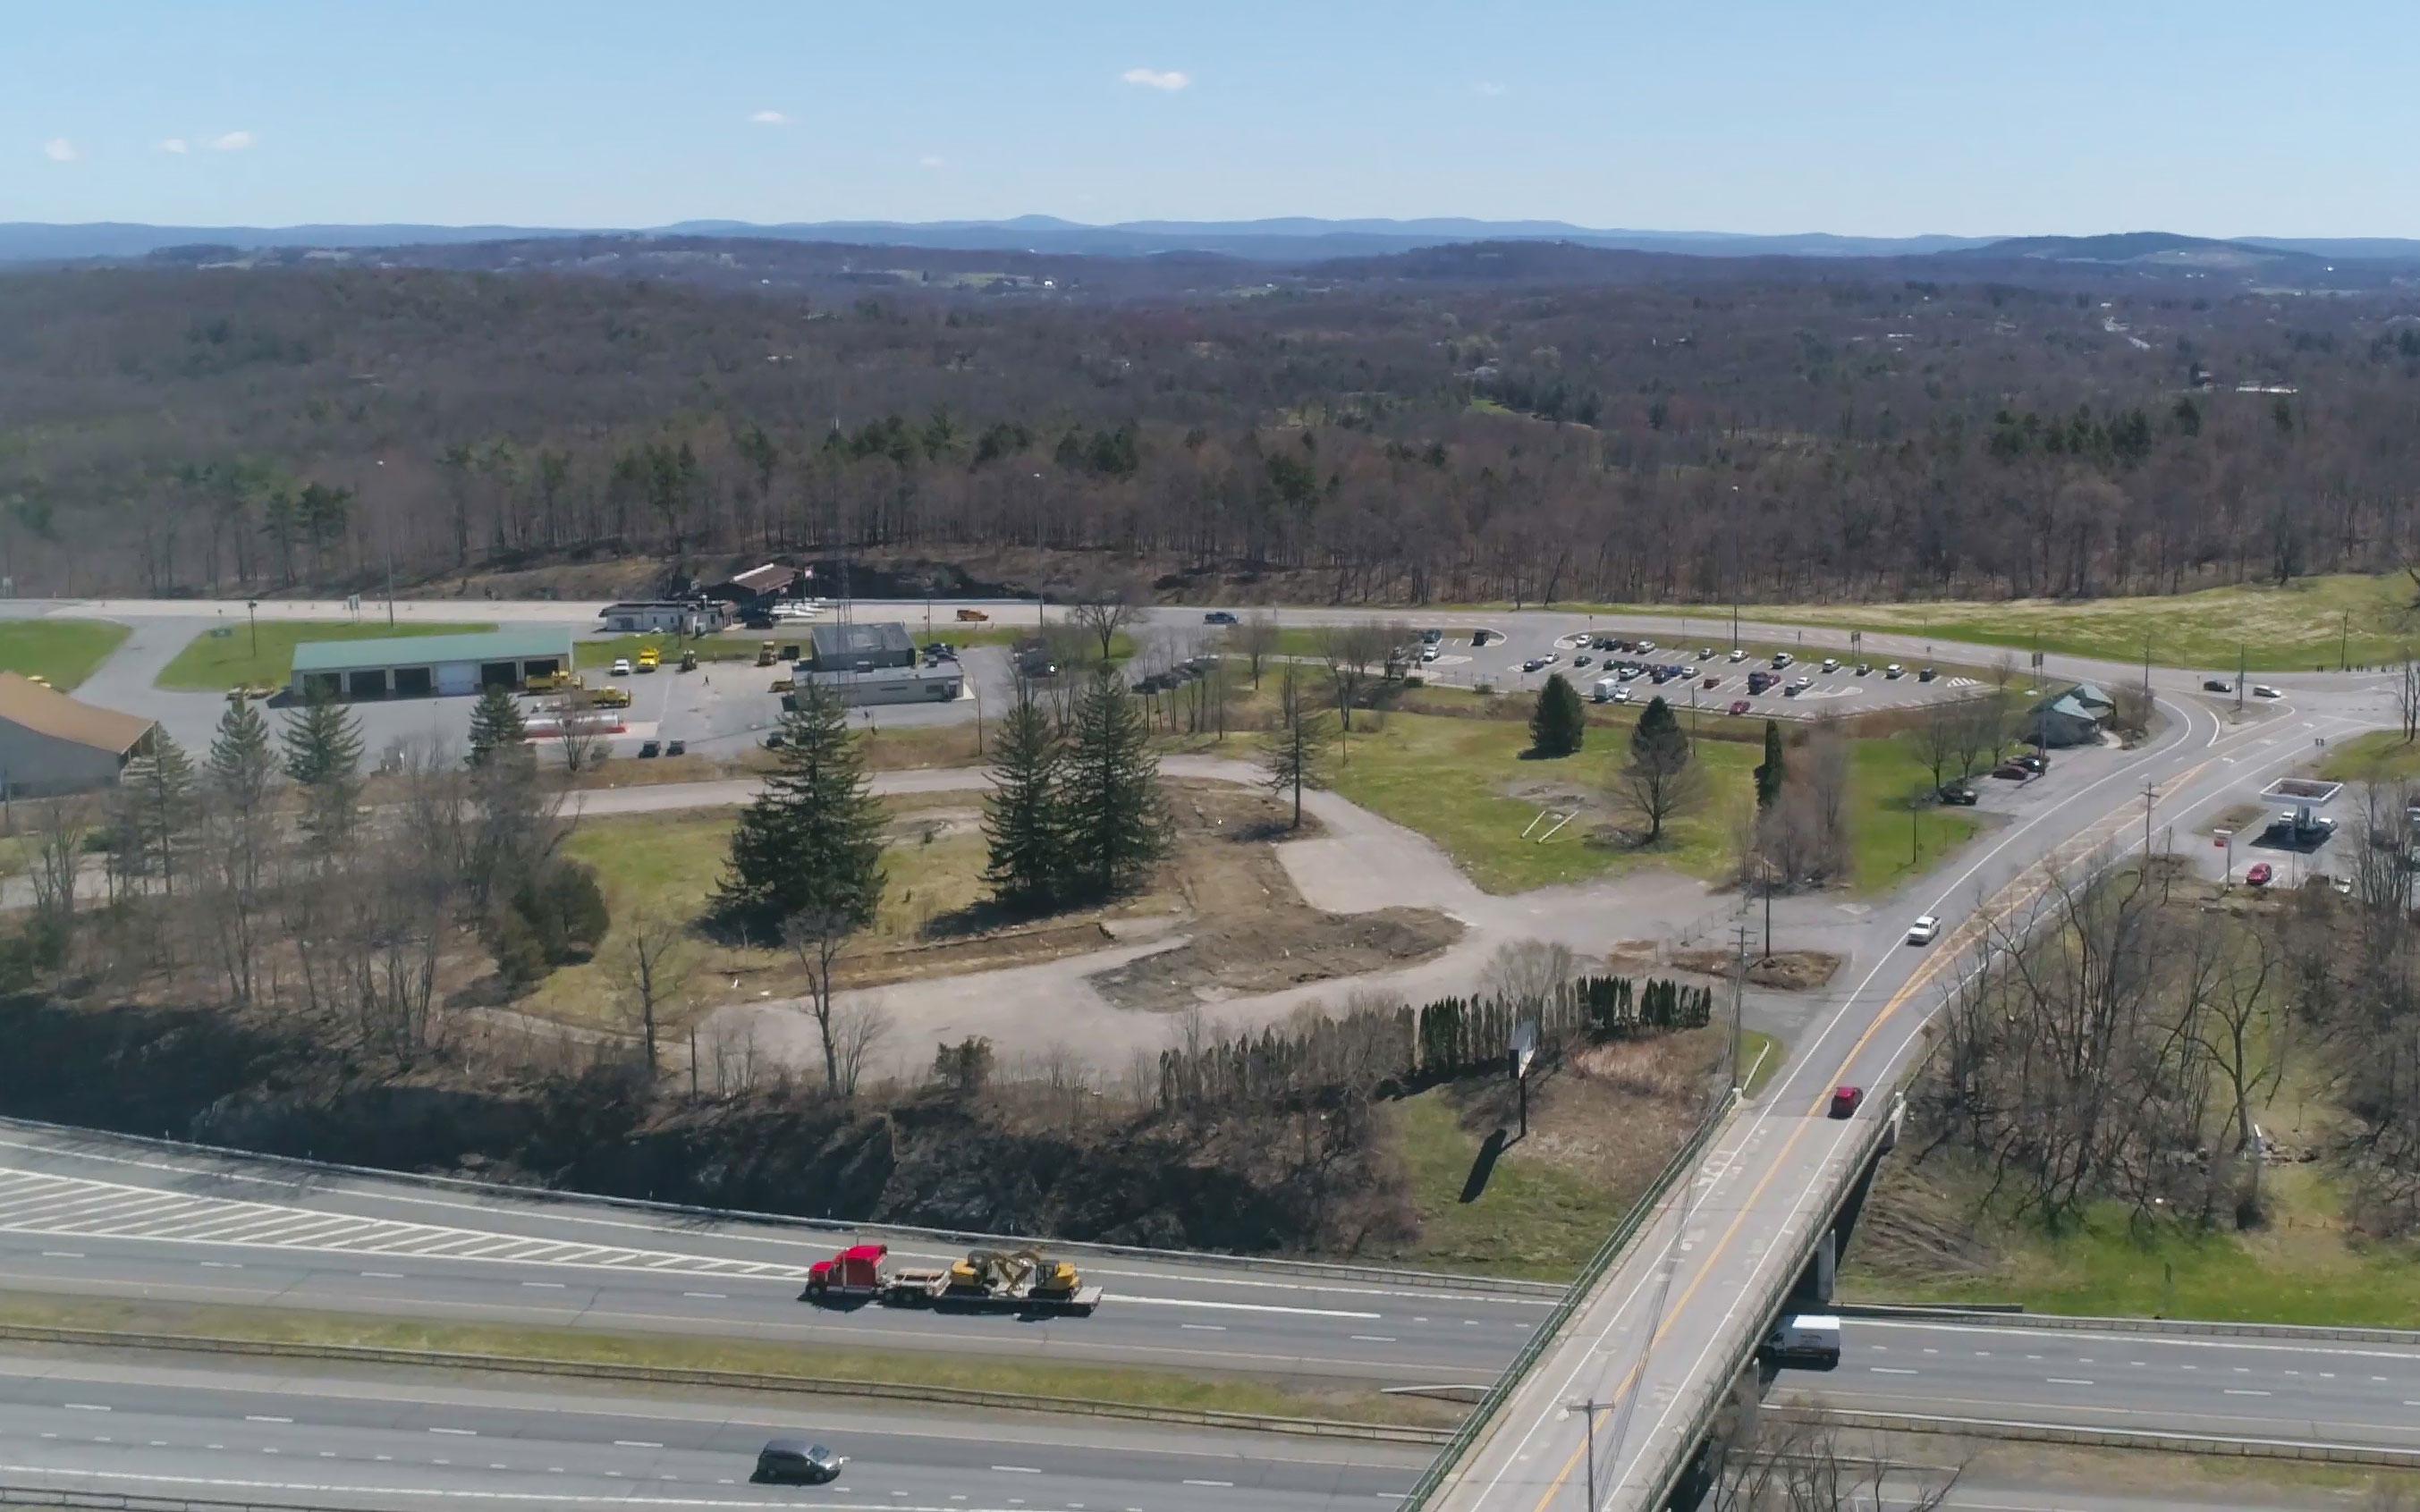 Exit 21 Catskill QI View